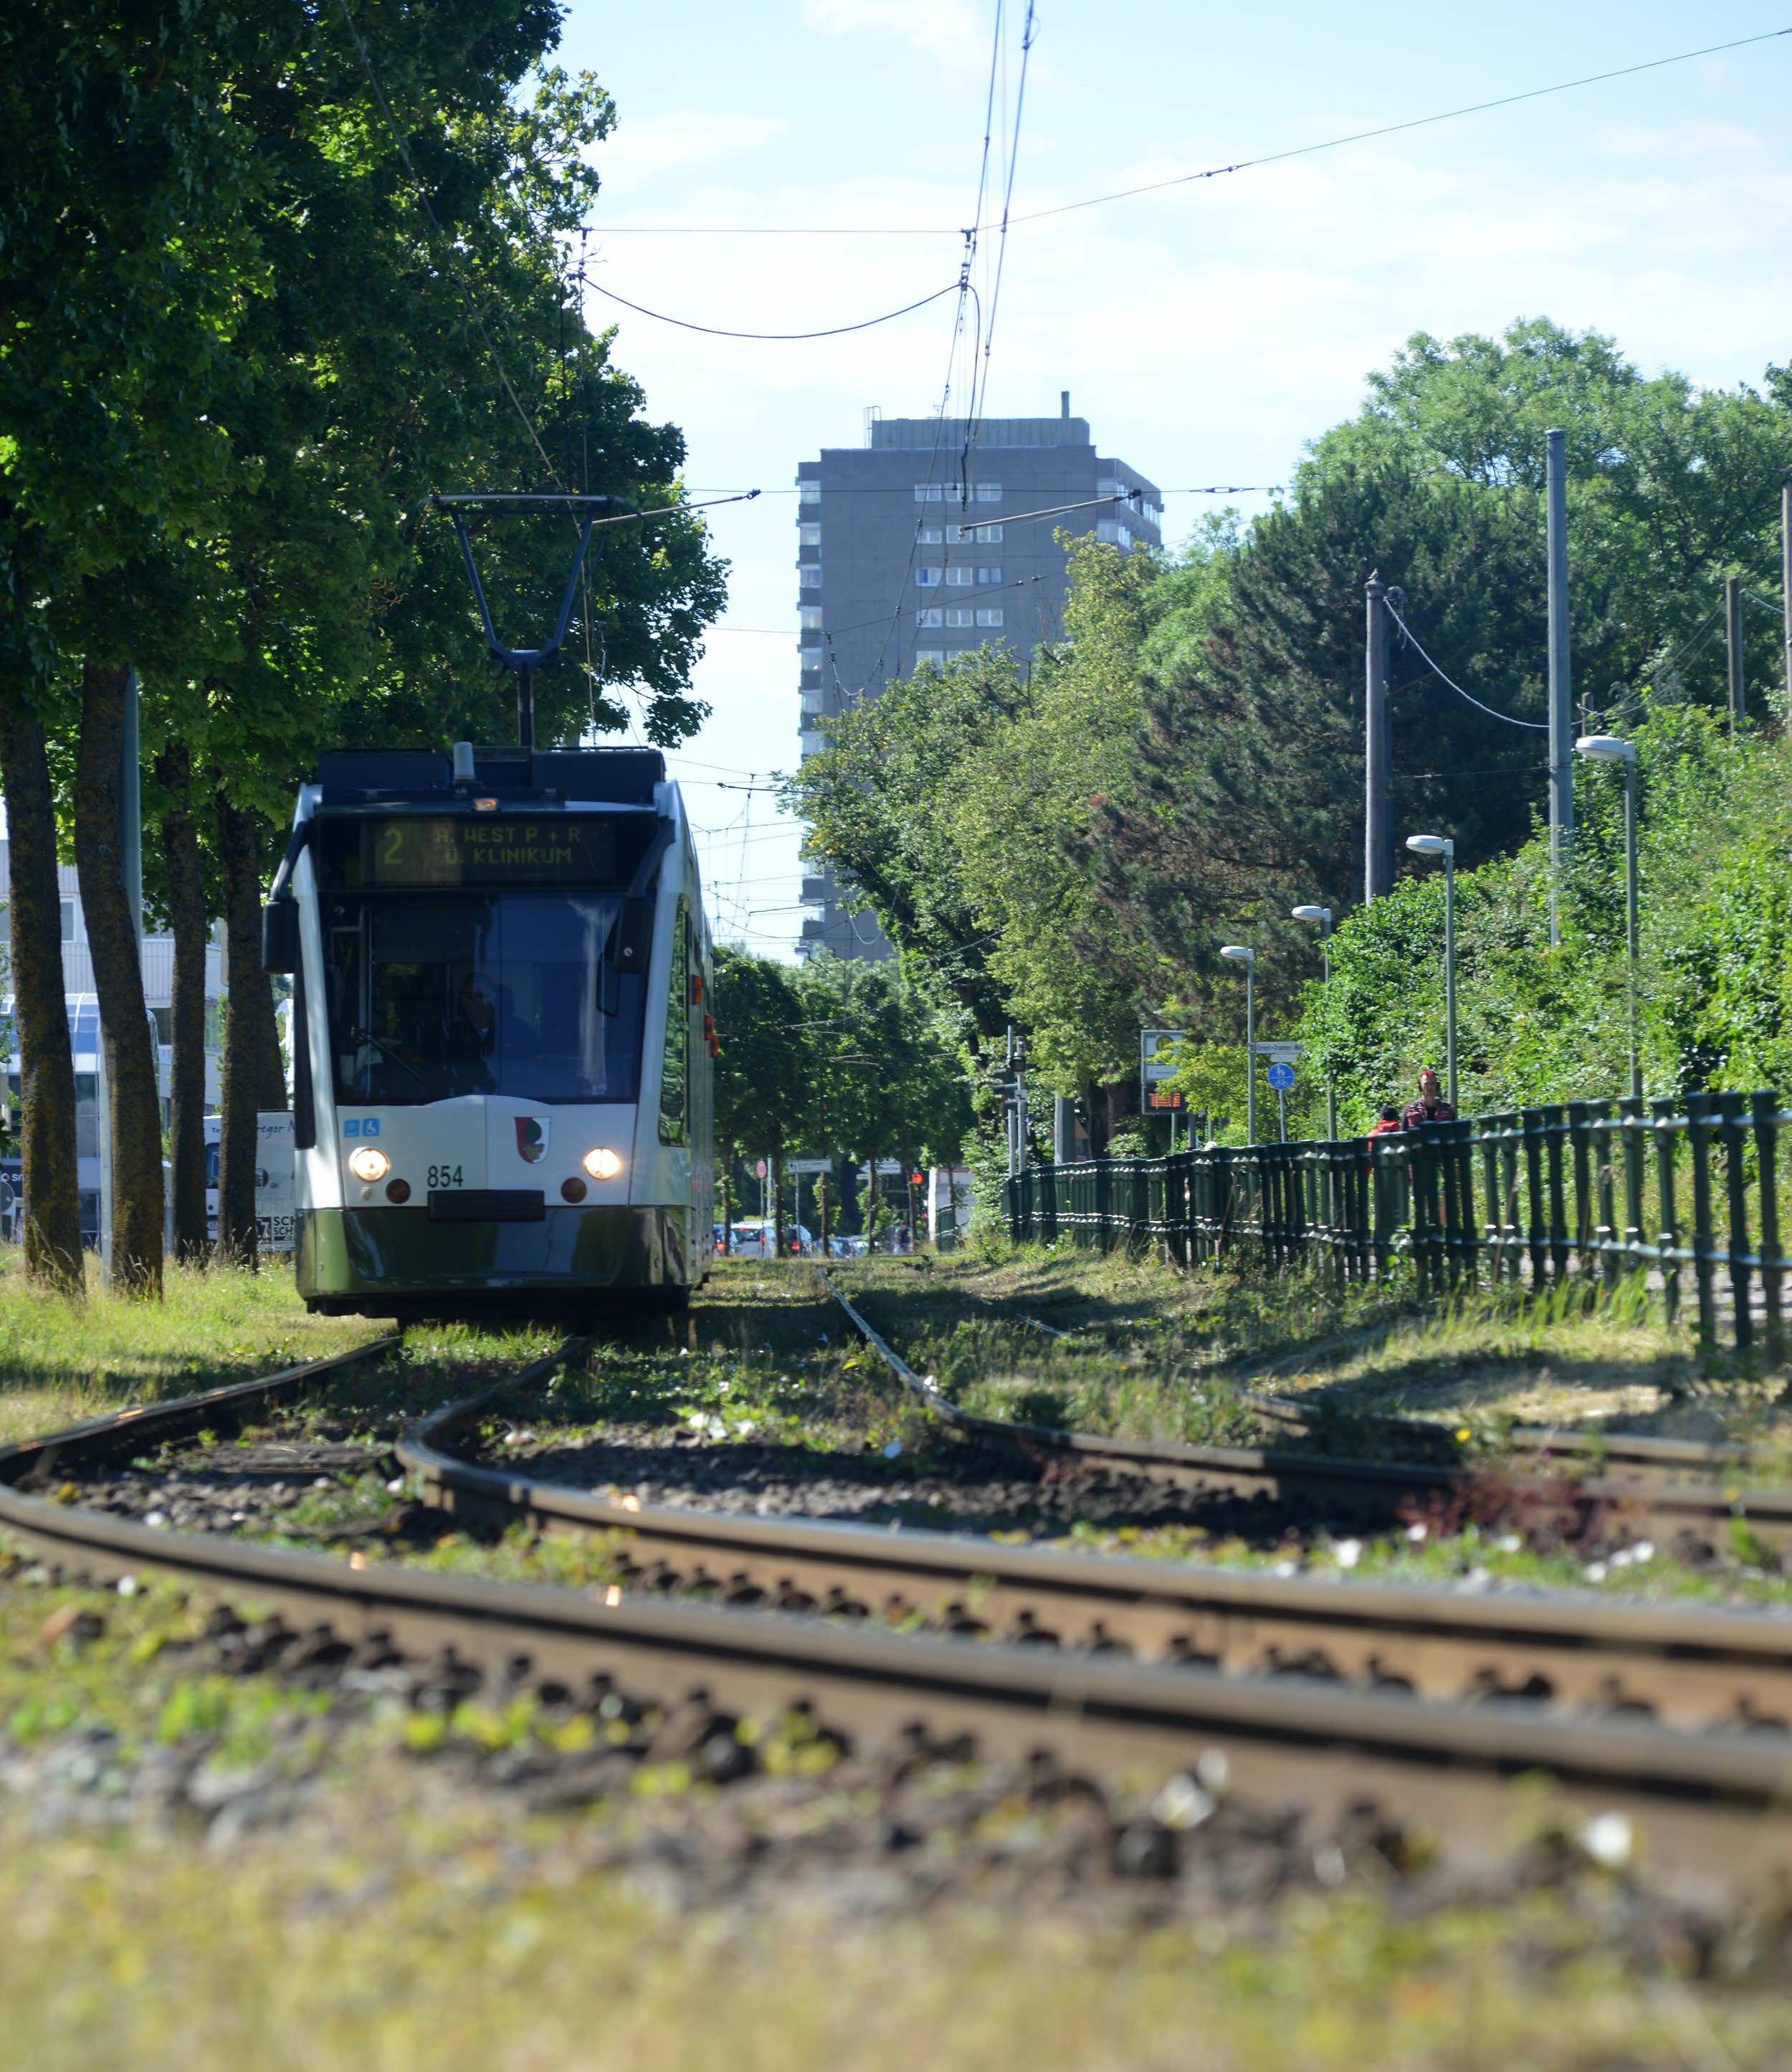 Während der Sommerferien werden die Gleise der Straßenbahnlinie 2 zwischen Schertlinstraße und Haunstetten ausgetauscht. Deshalb fahren Busse statt Straßenbahnen. Foto: swa / Thomas Hosemann